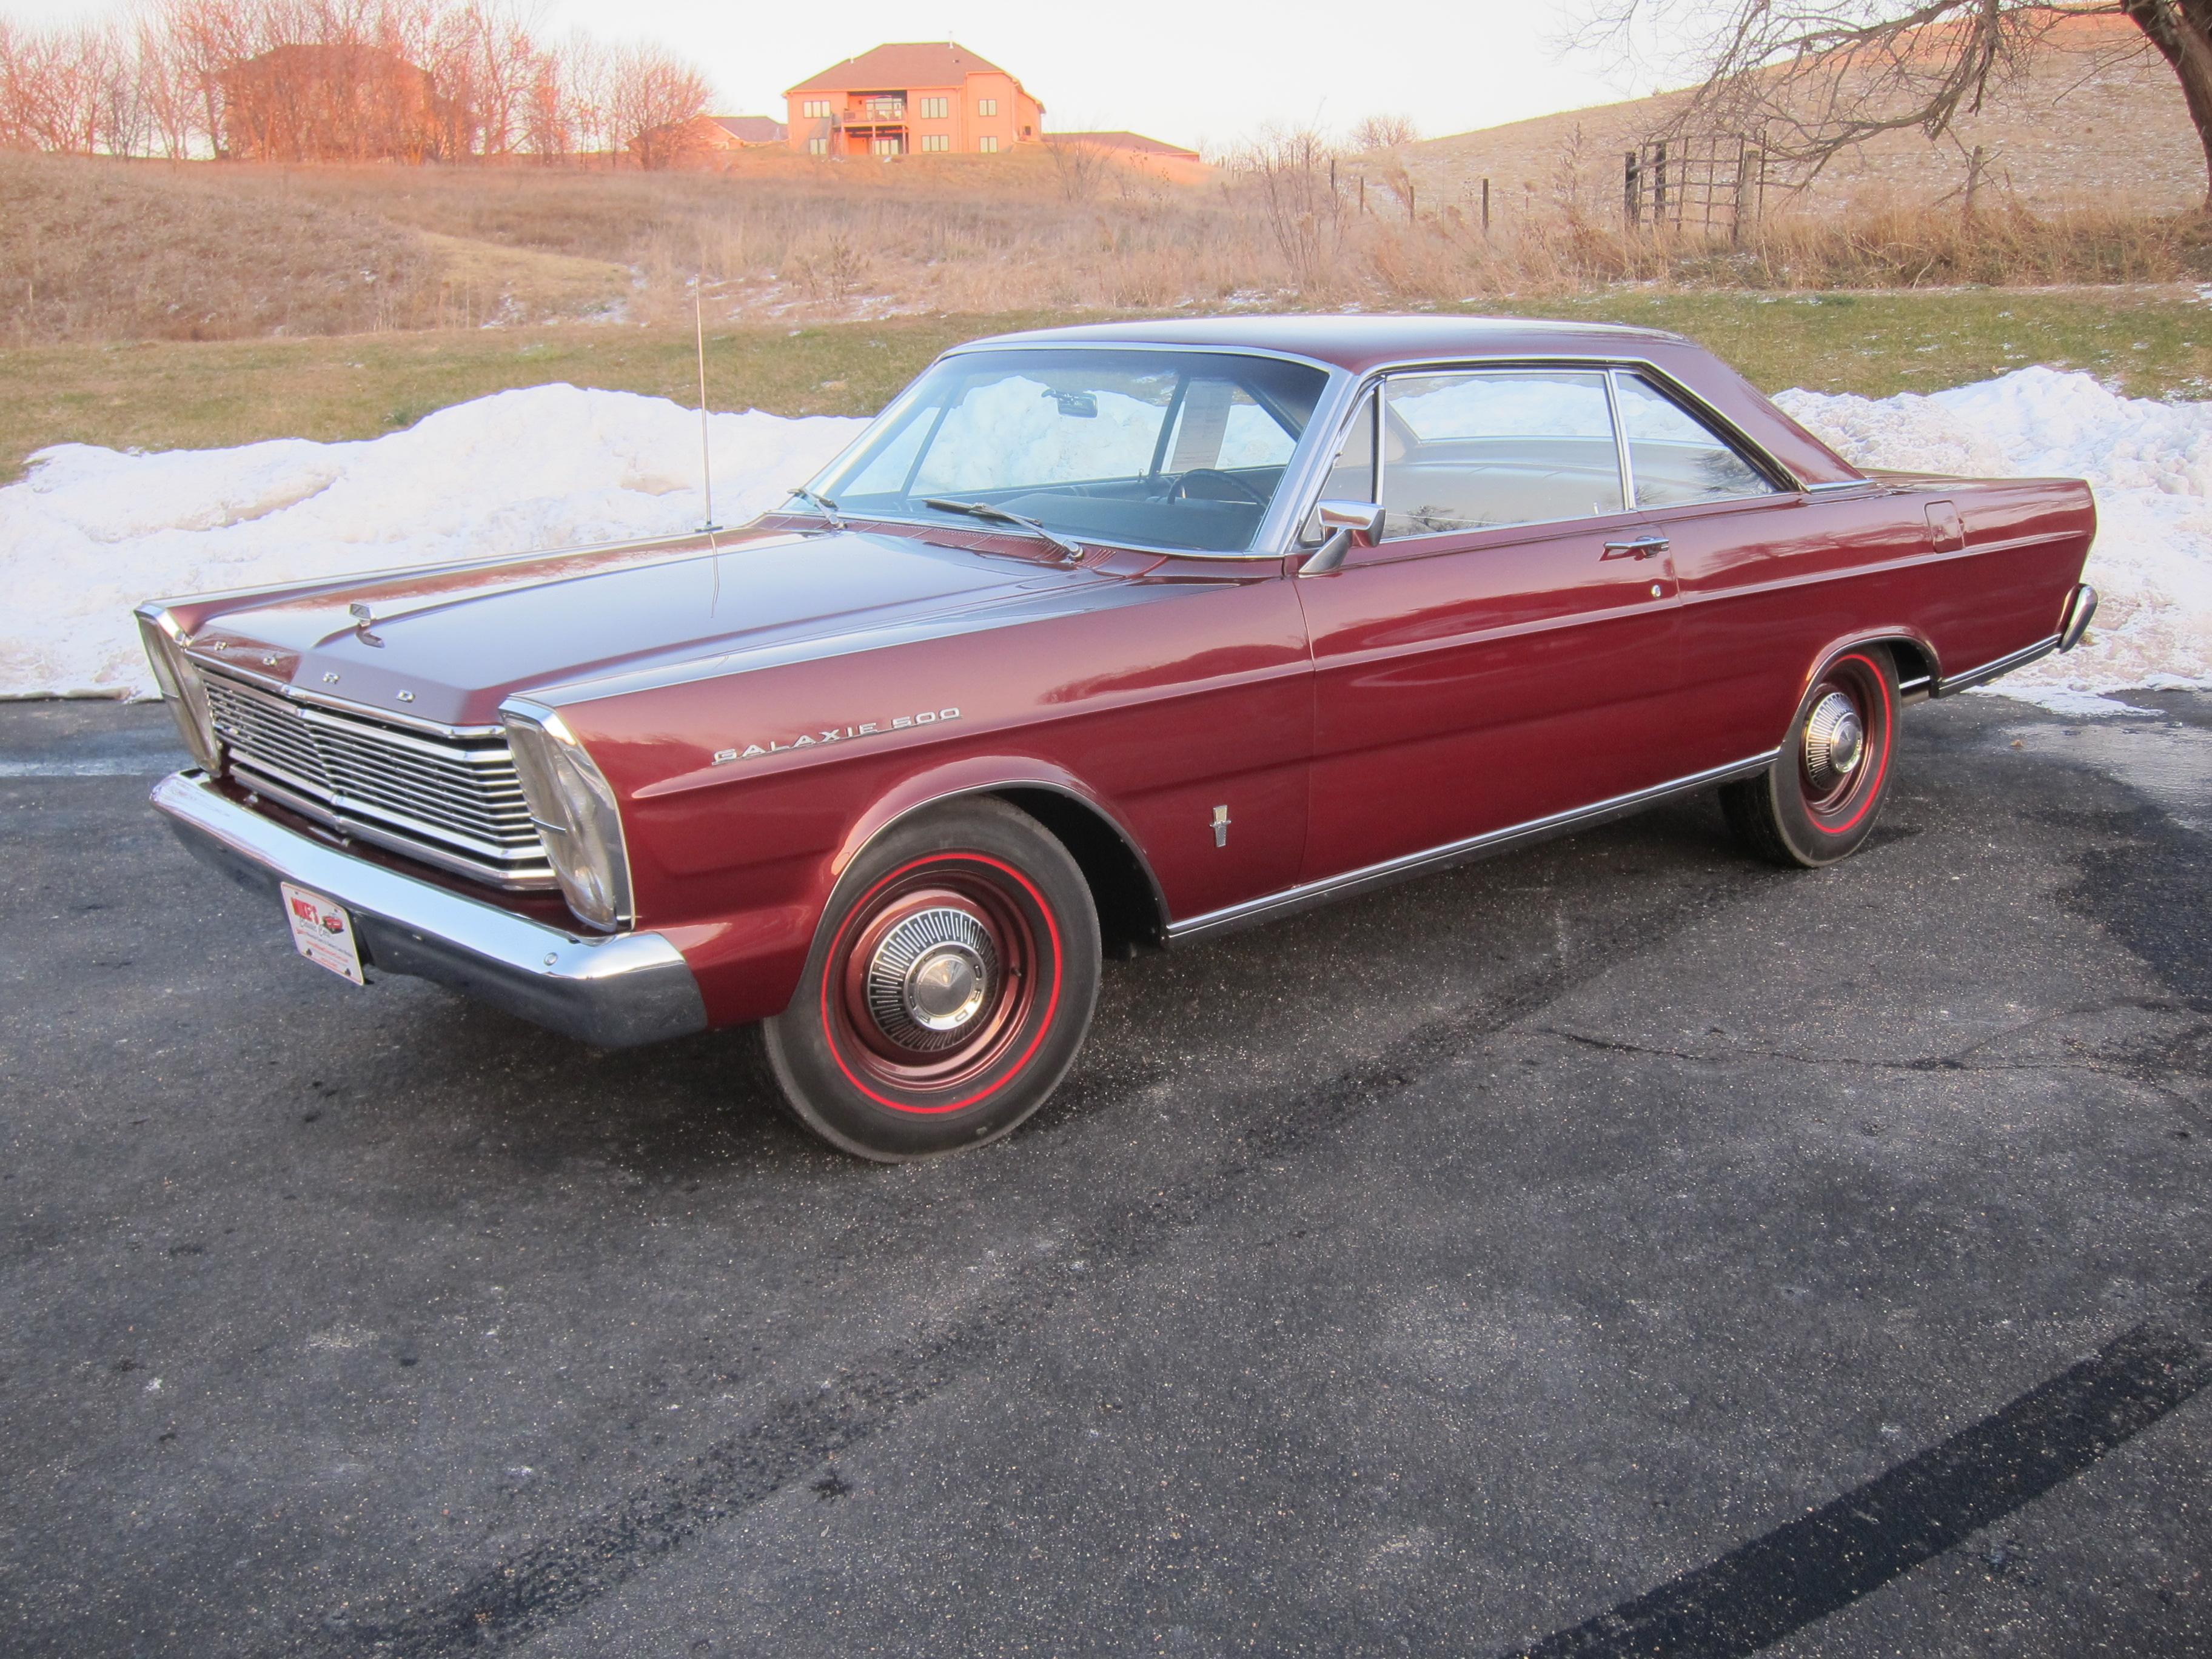 1965 Ford Galaxie 500 'R Code'